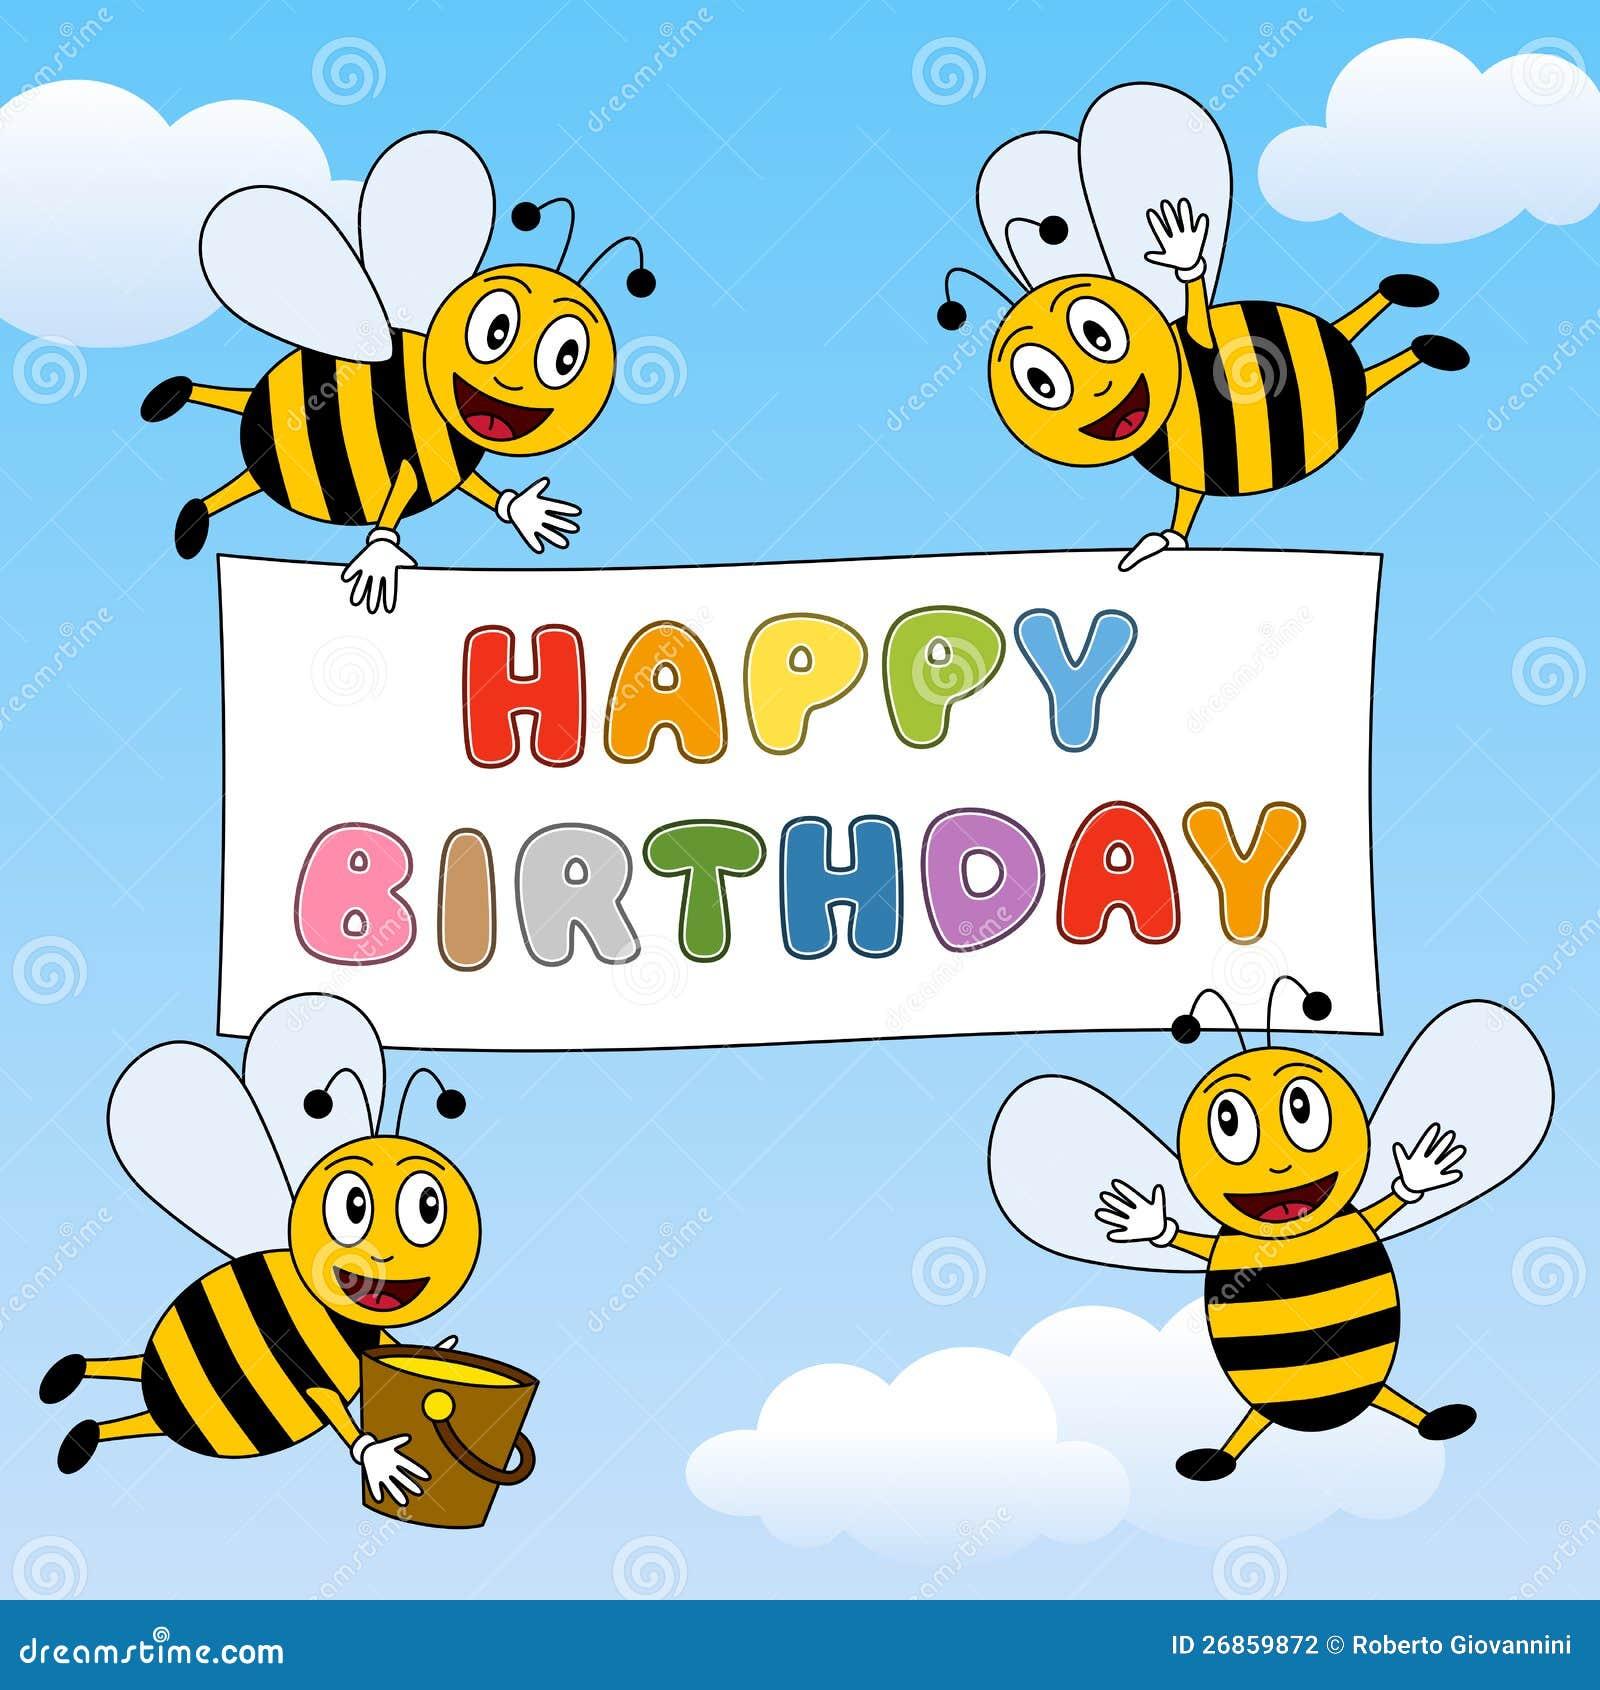 funny-bees-happy-birthday-26859872.jpg